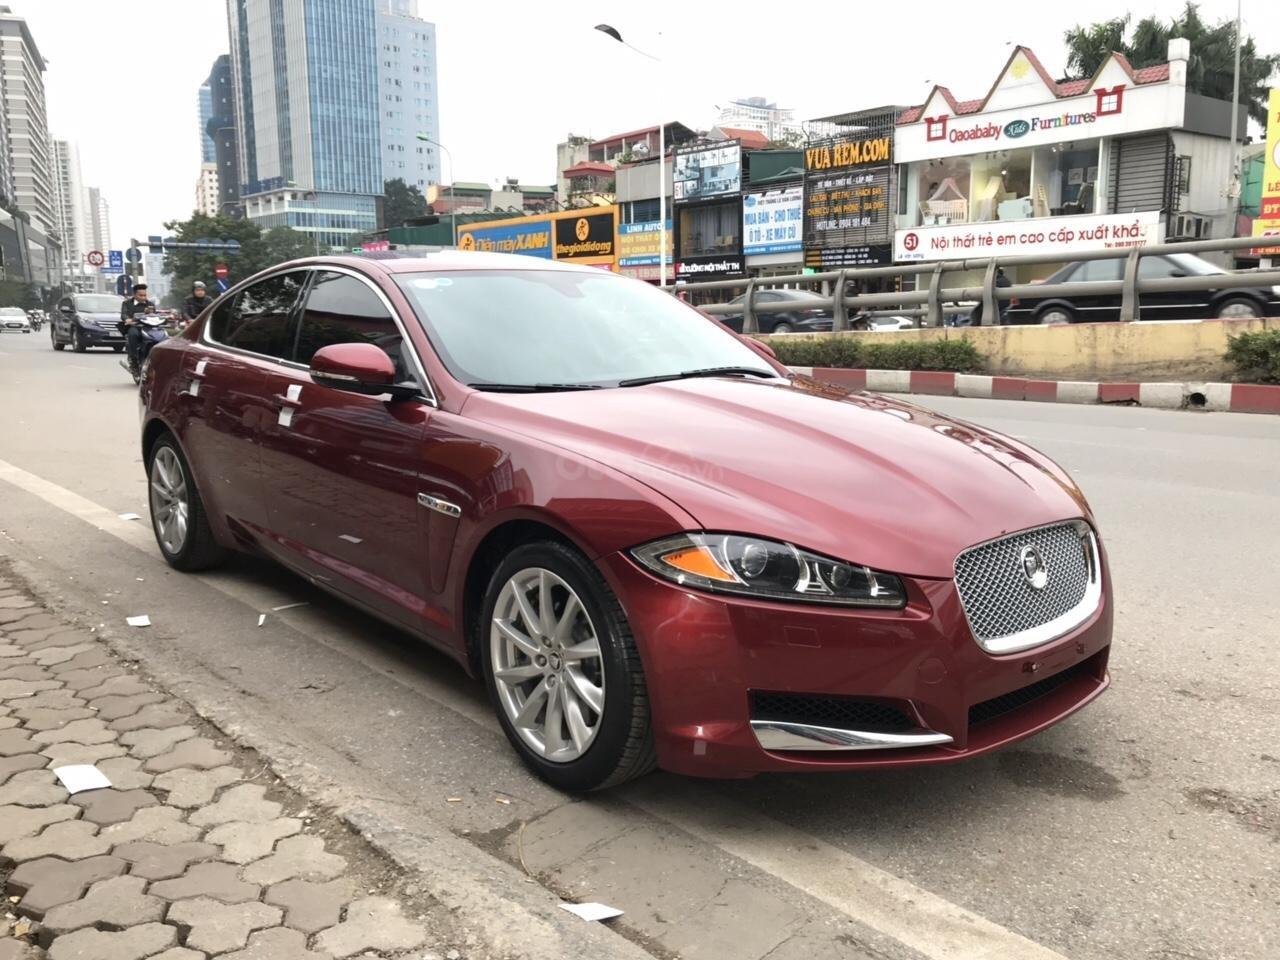 Cần bán Jaguar XF màu đỏ model 2014, xe nhập, giá tốt-2